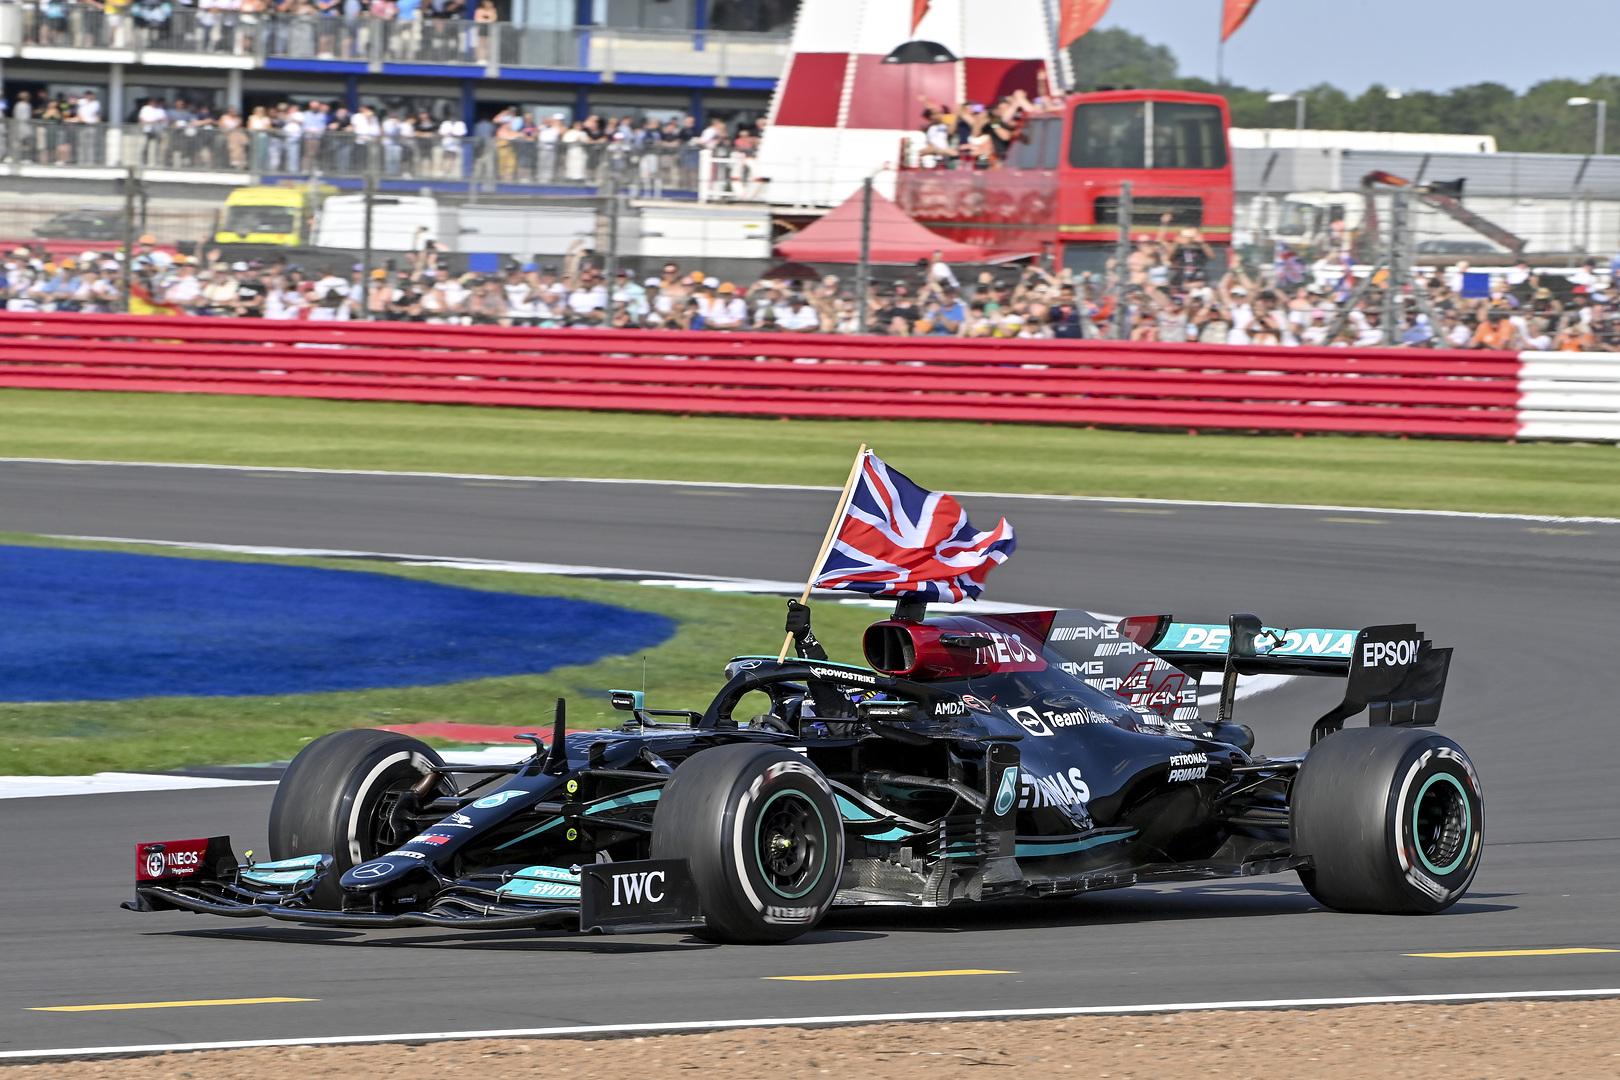 Domingo en Gran Bretaña - Mercedes se lleva una polémica victoria con Hamilton